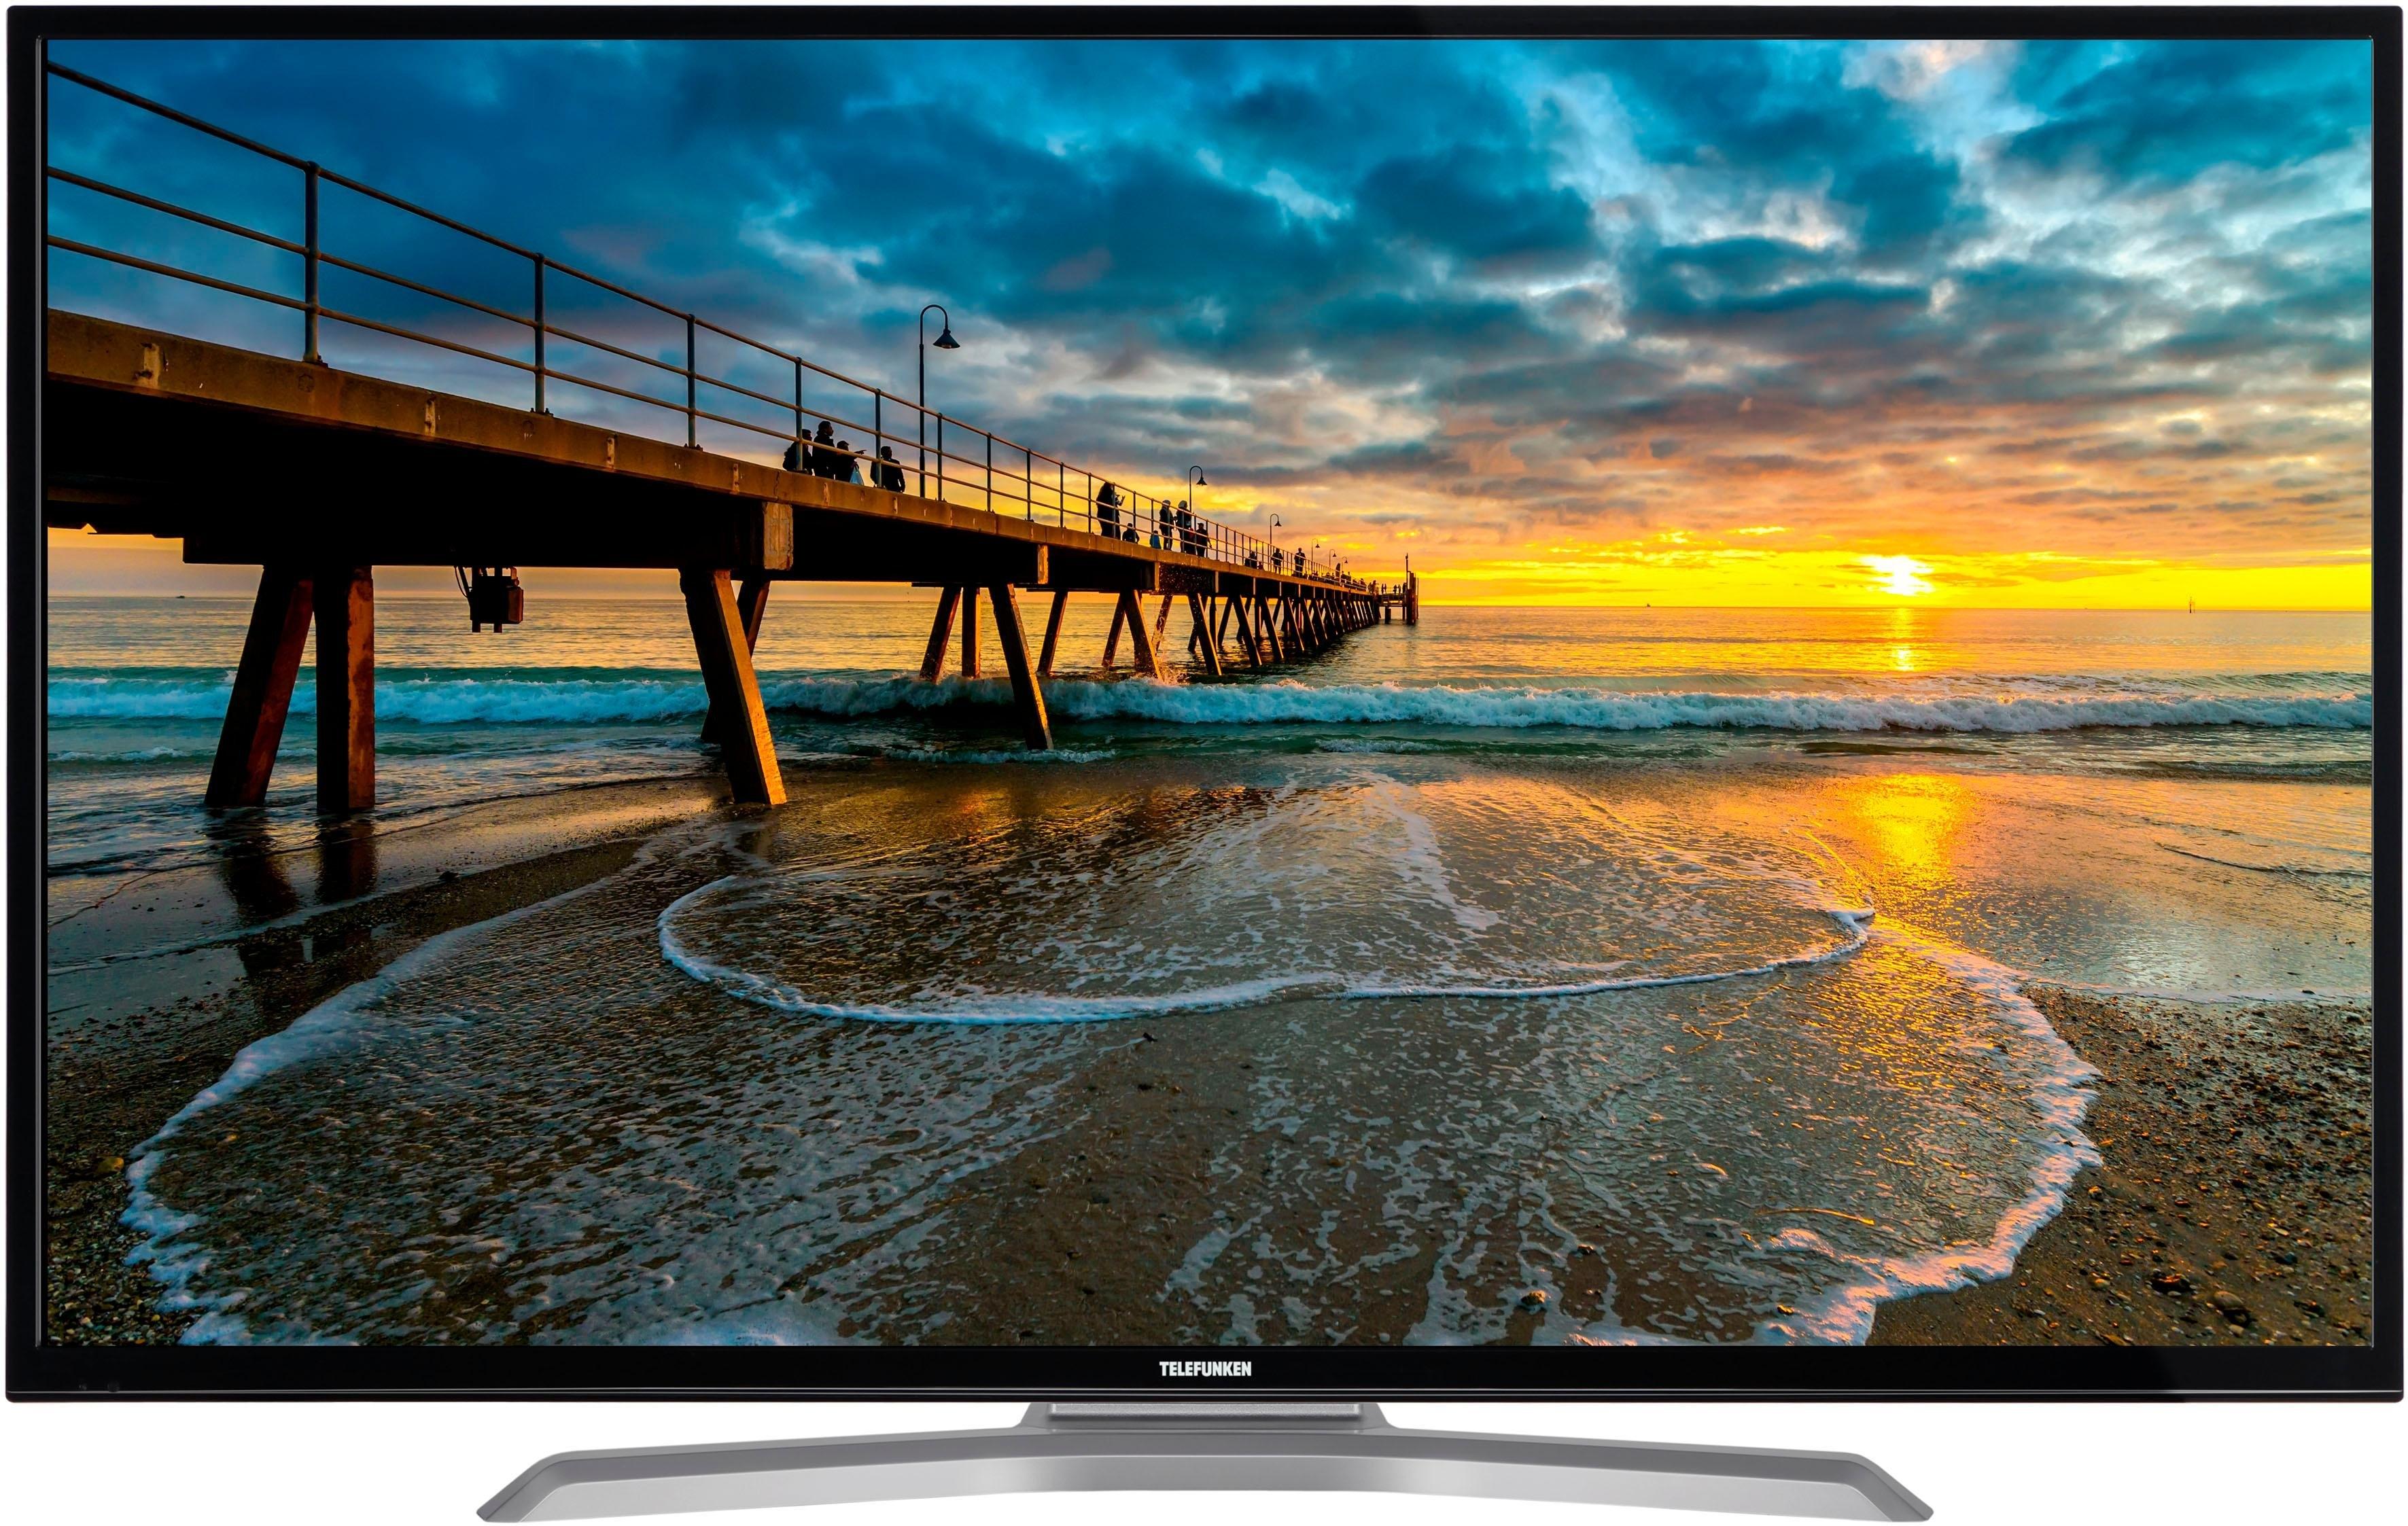 Telefunken D49U700M4CWH led-tv (49 inch), 4K Ultra HD, smart-tv nu online bestellen